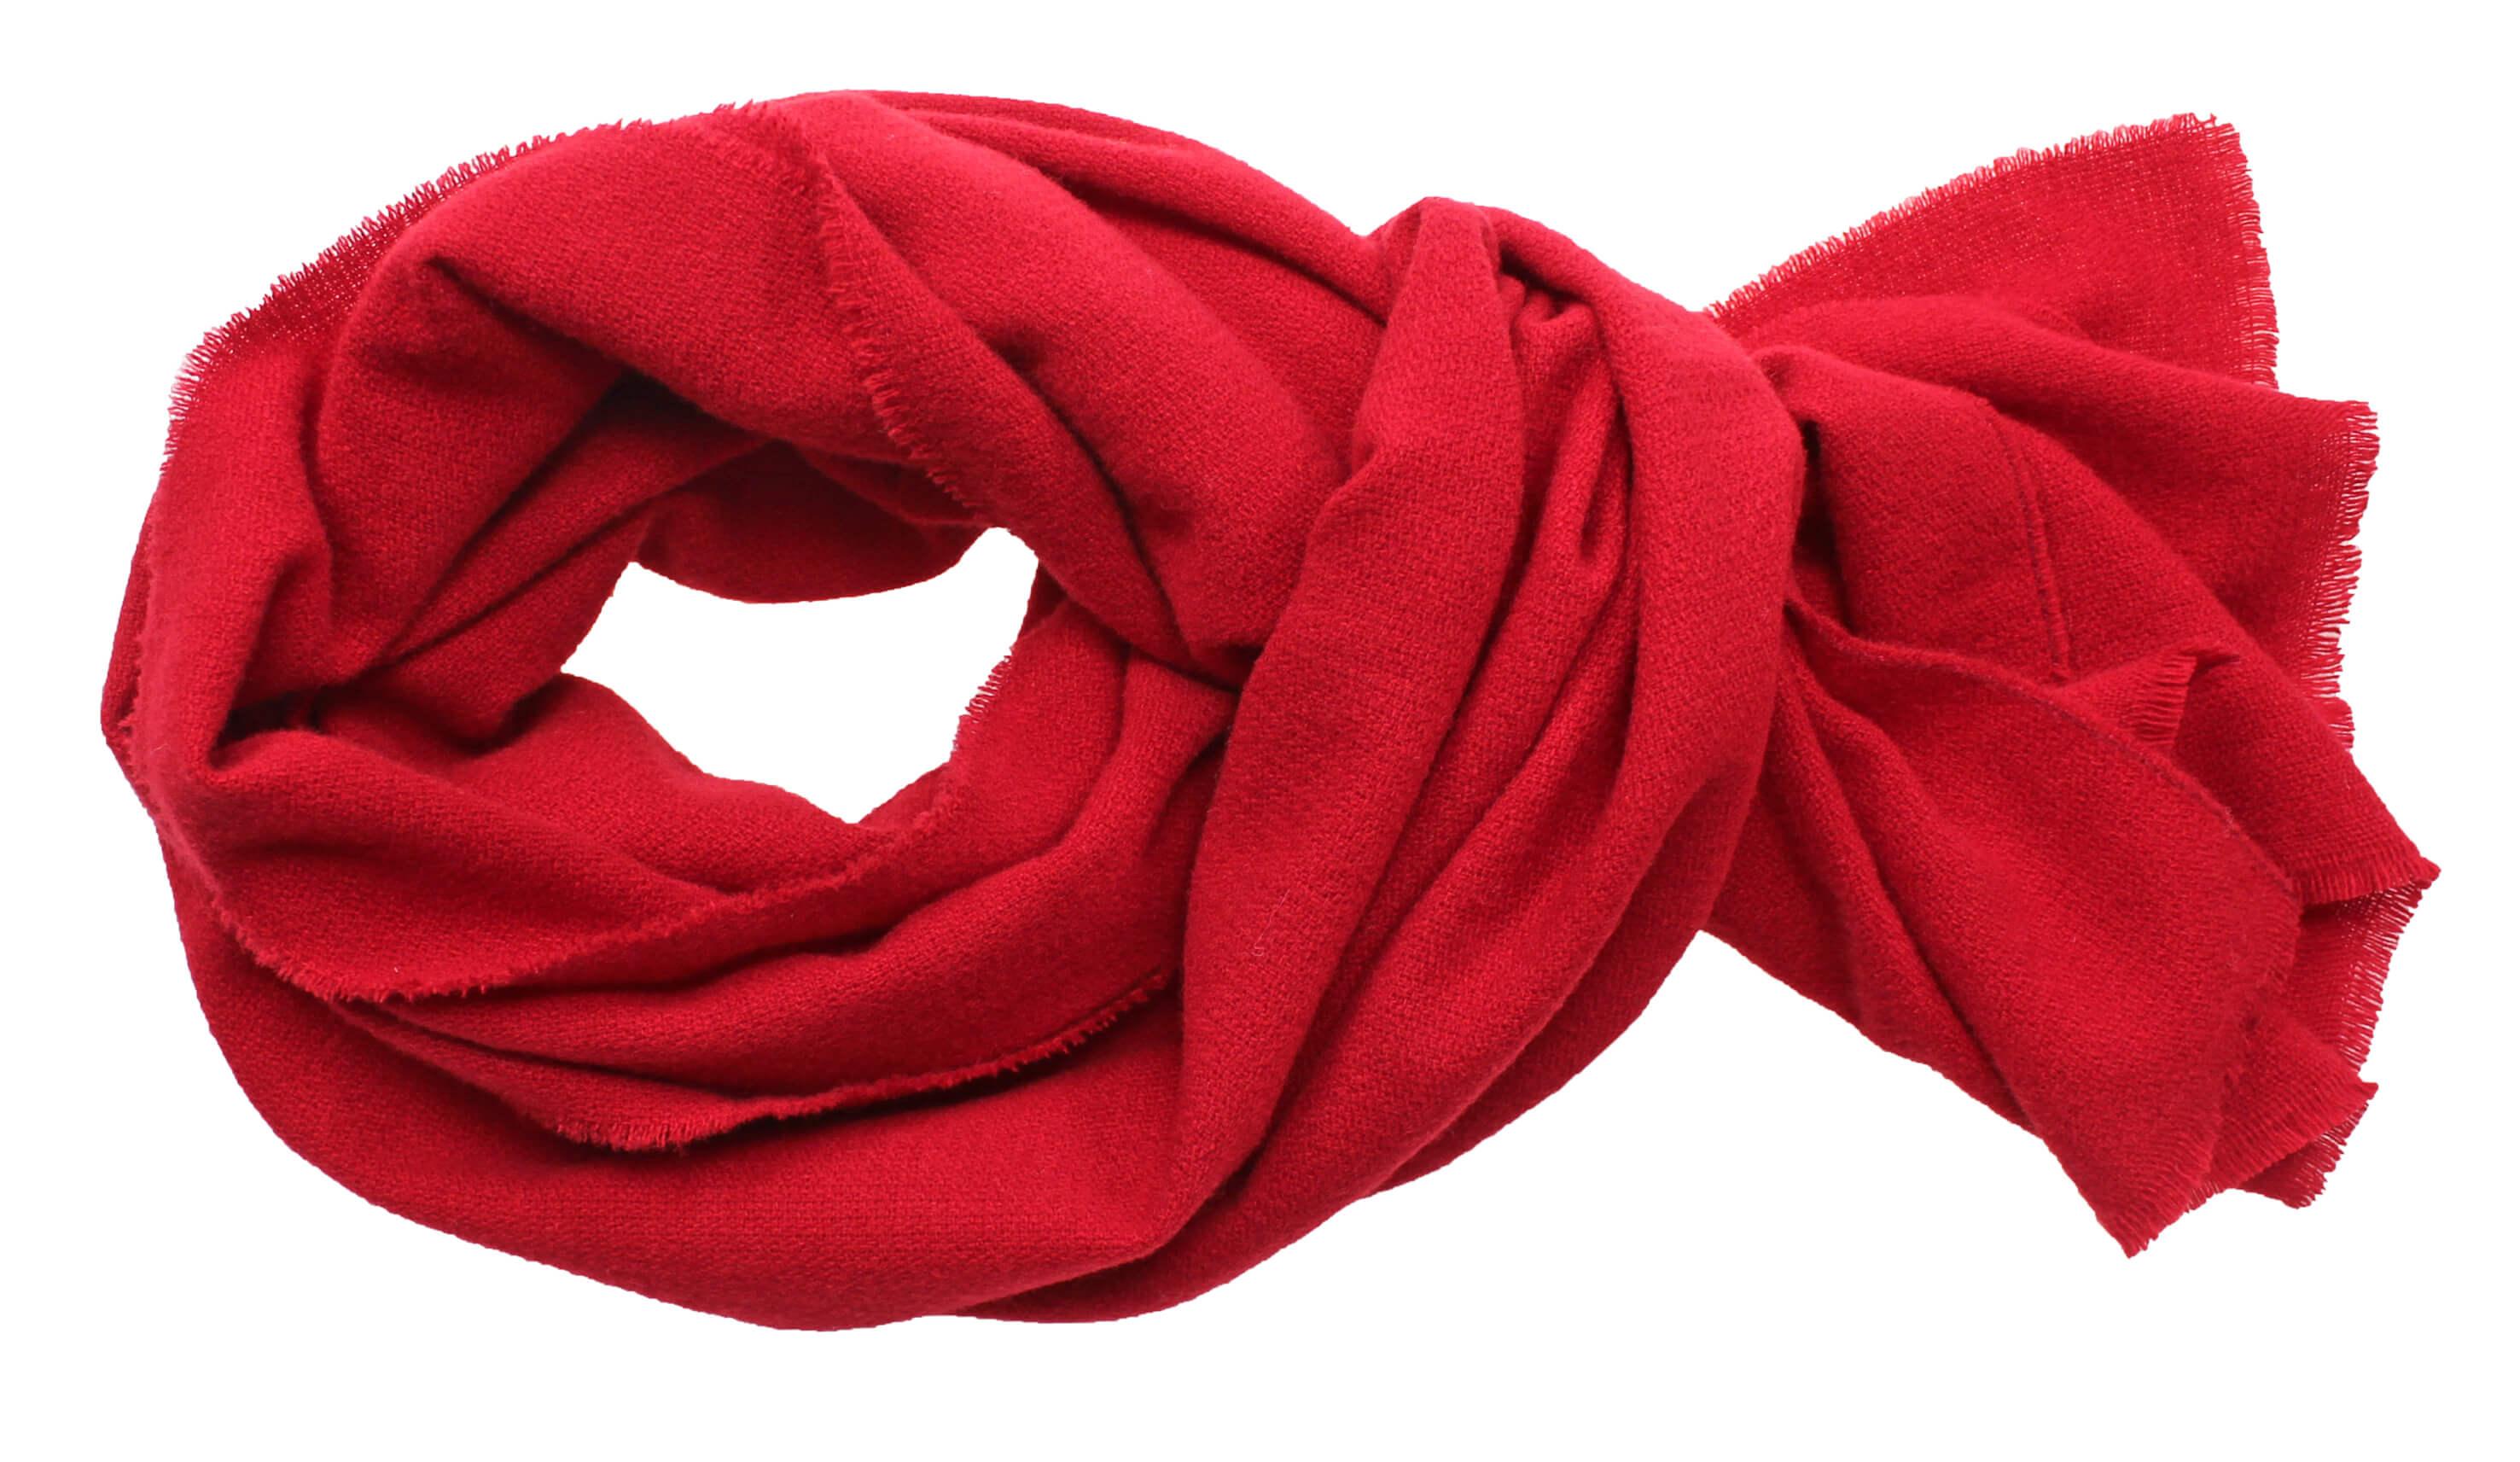 Bild von 012-0100col102, Variante rot